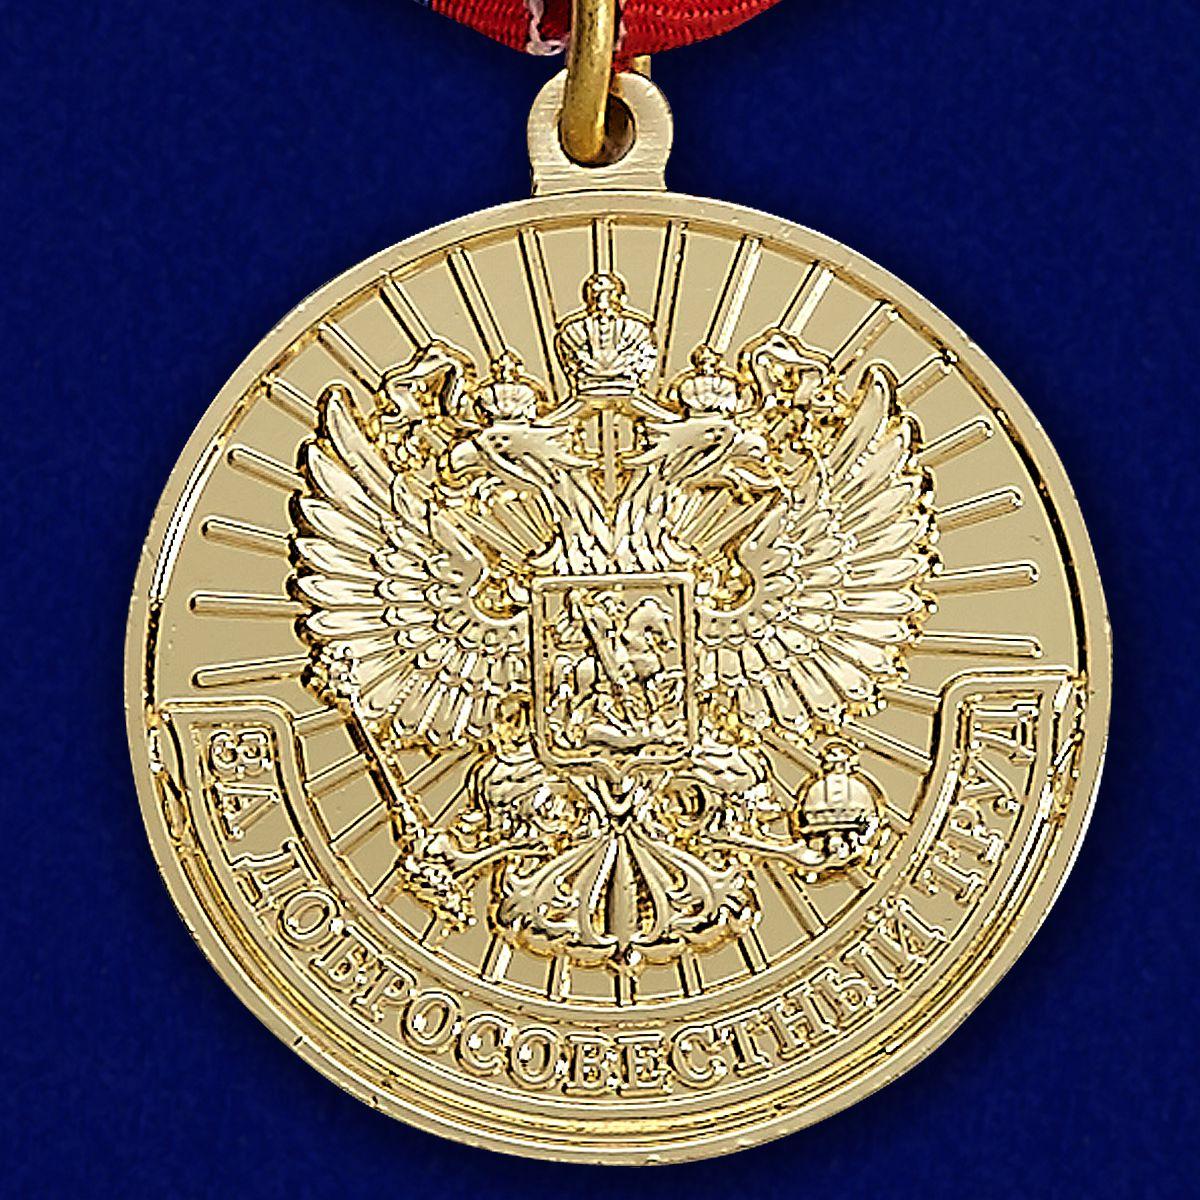 """Купить медаль """"За добросовестный труд"""" в наградном футляре"""